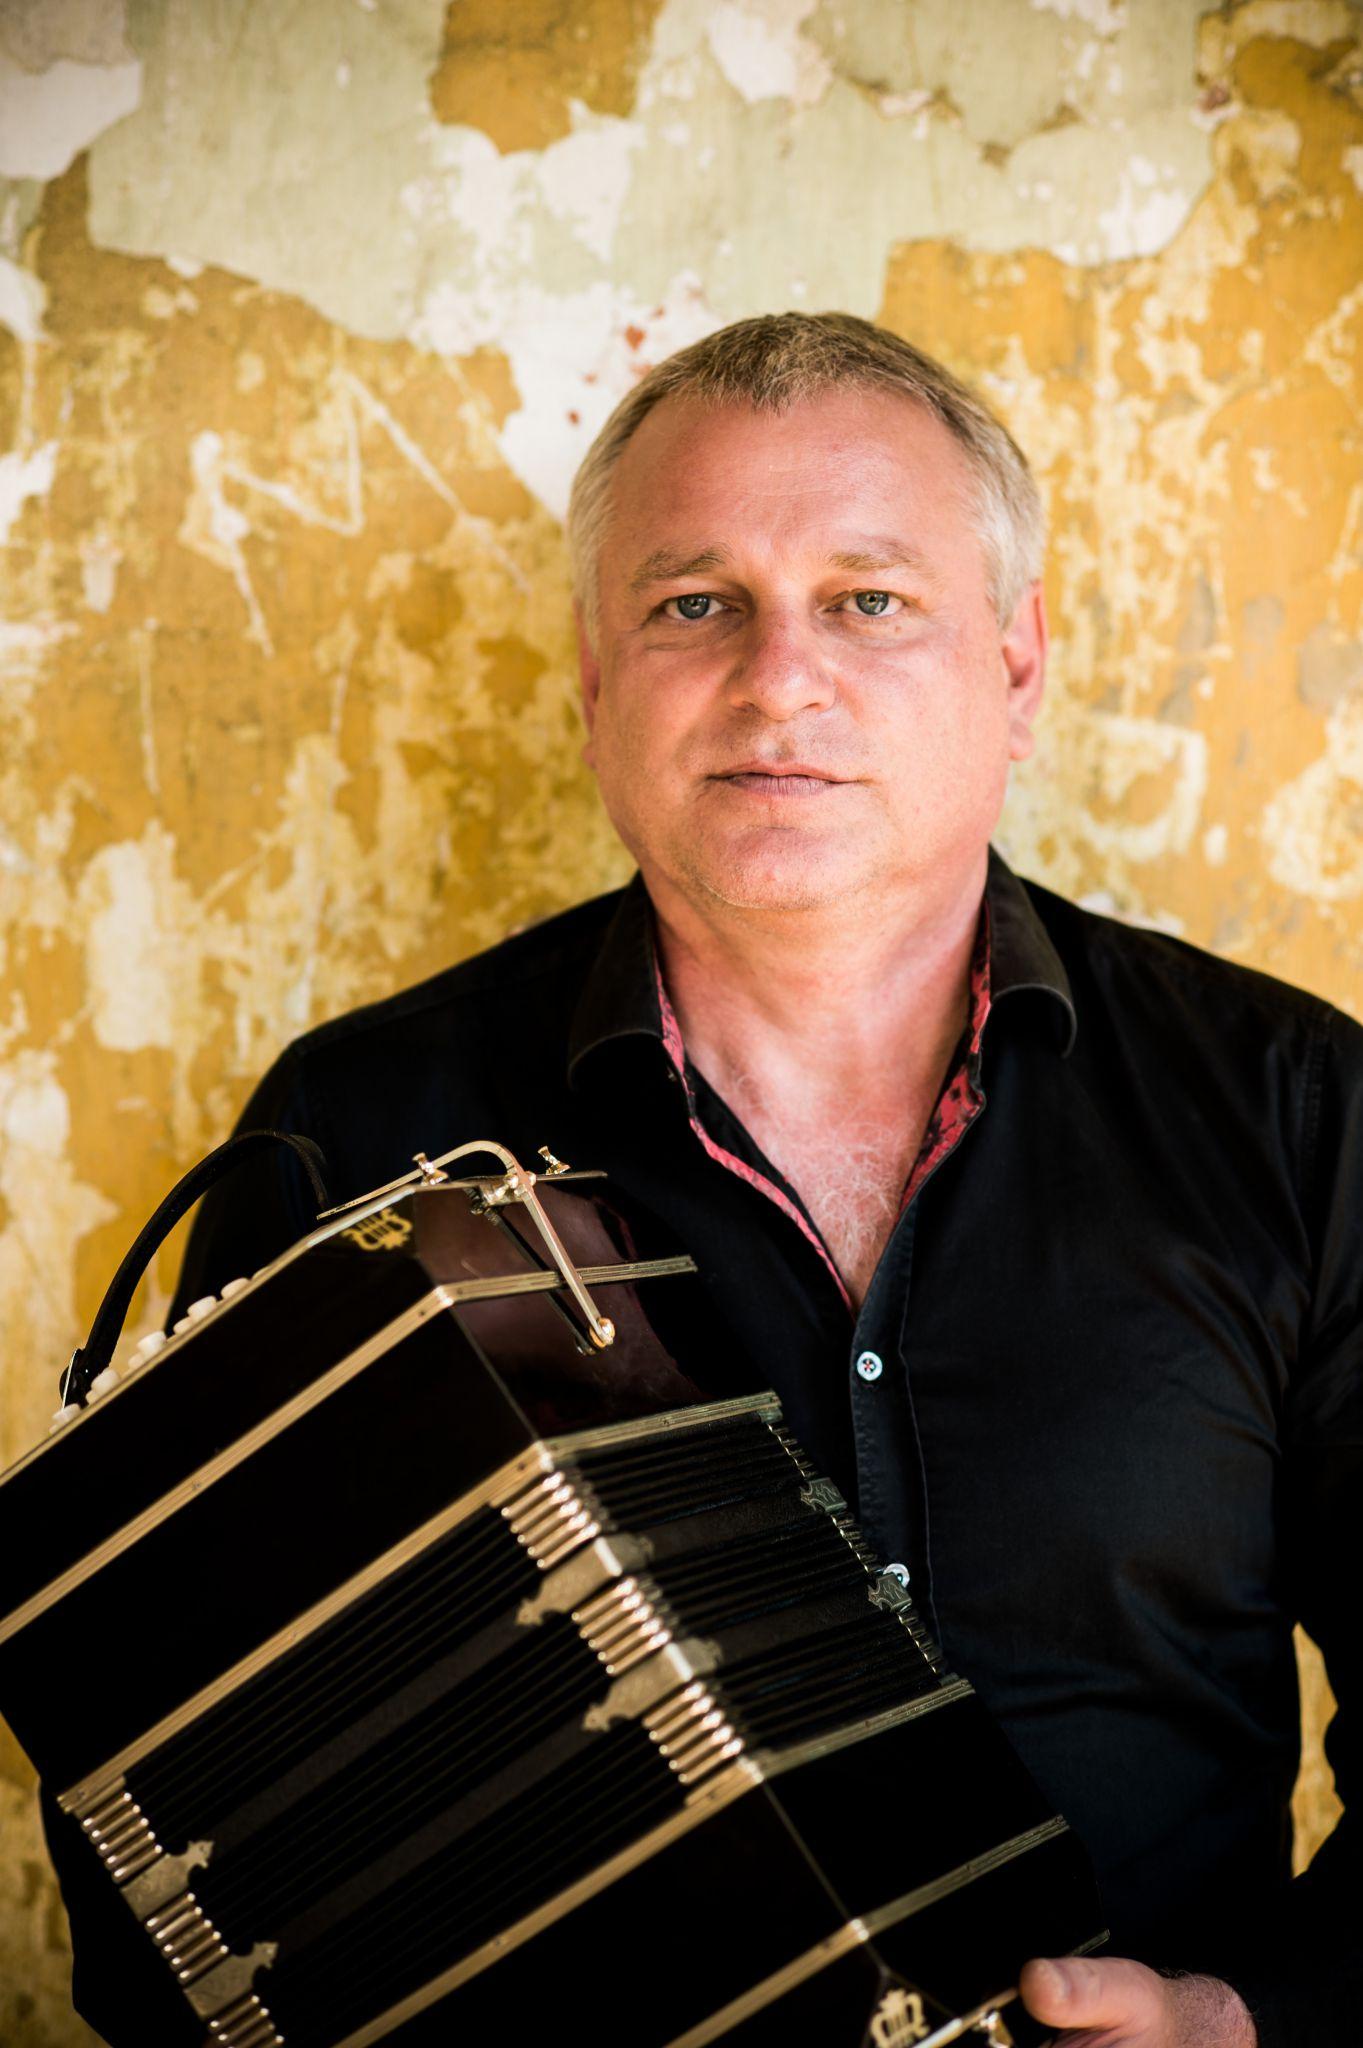 Klaus Paier, Bandoneon by Michael Reidinger